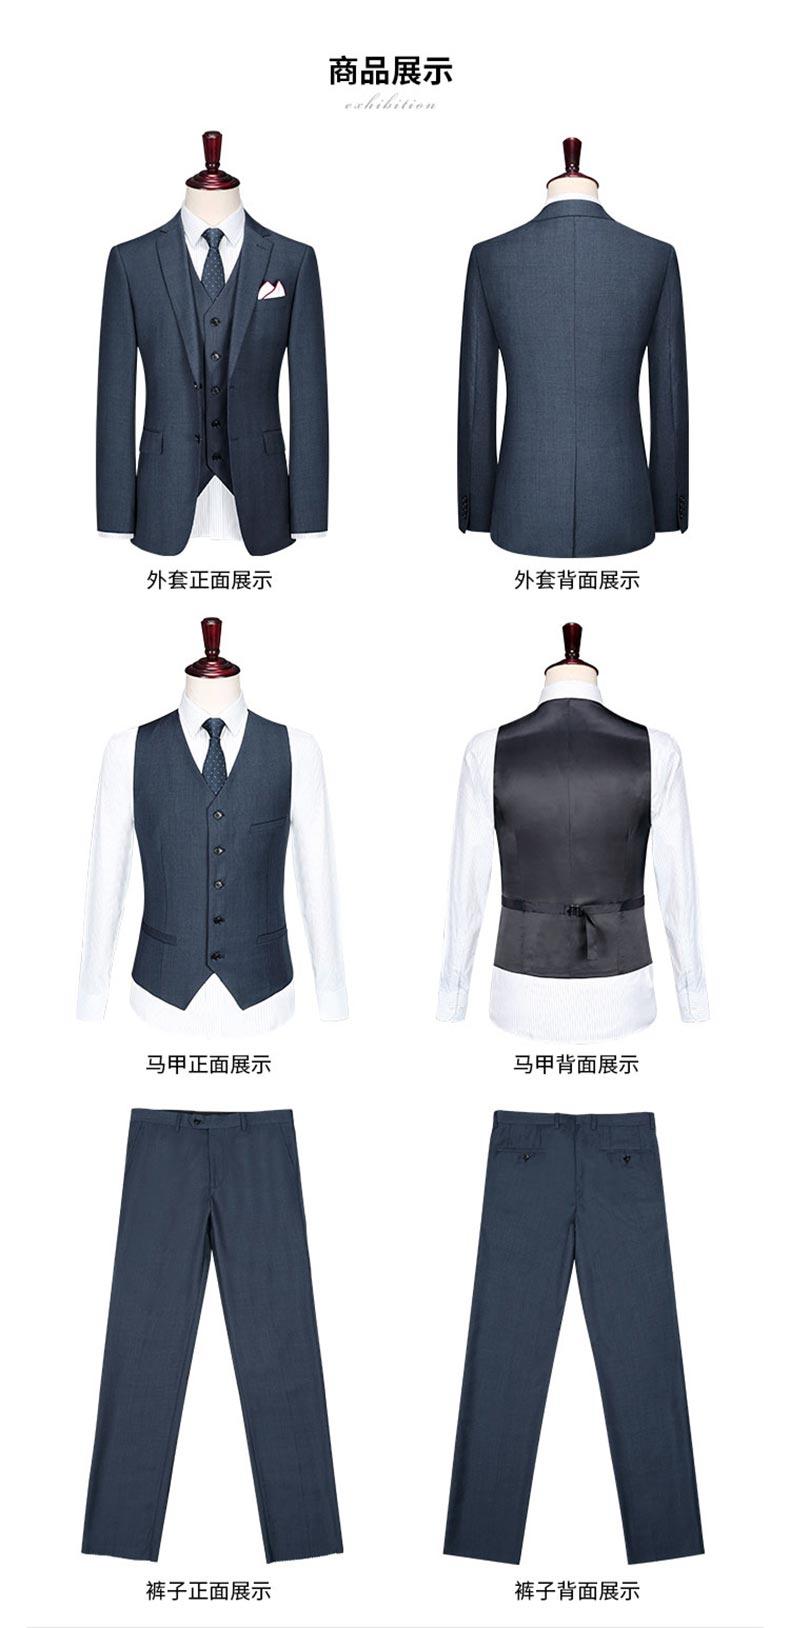 西服马甲西裤款式图